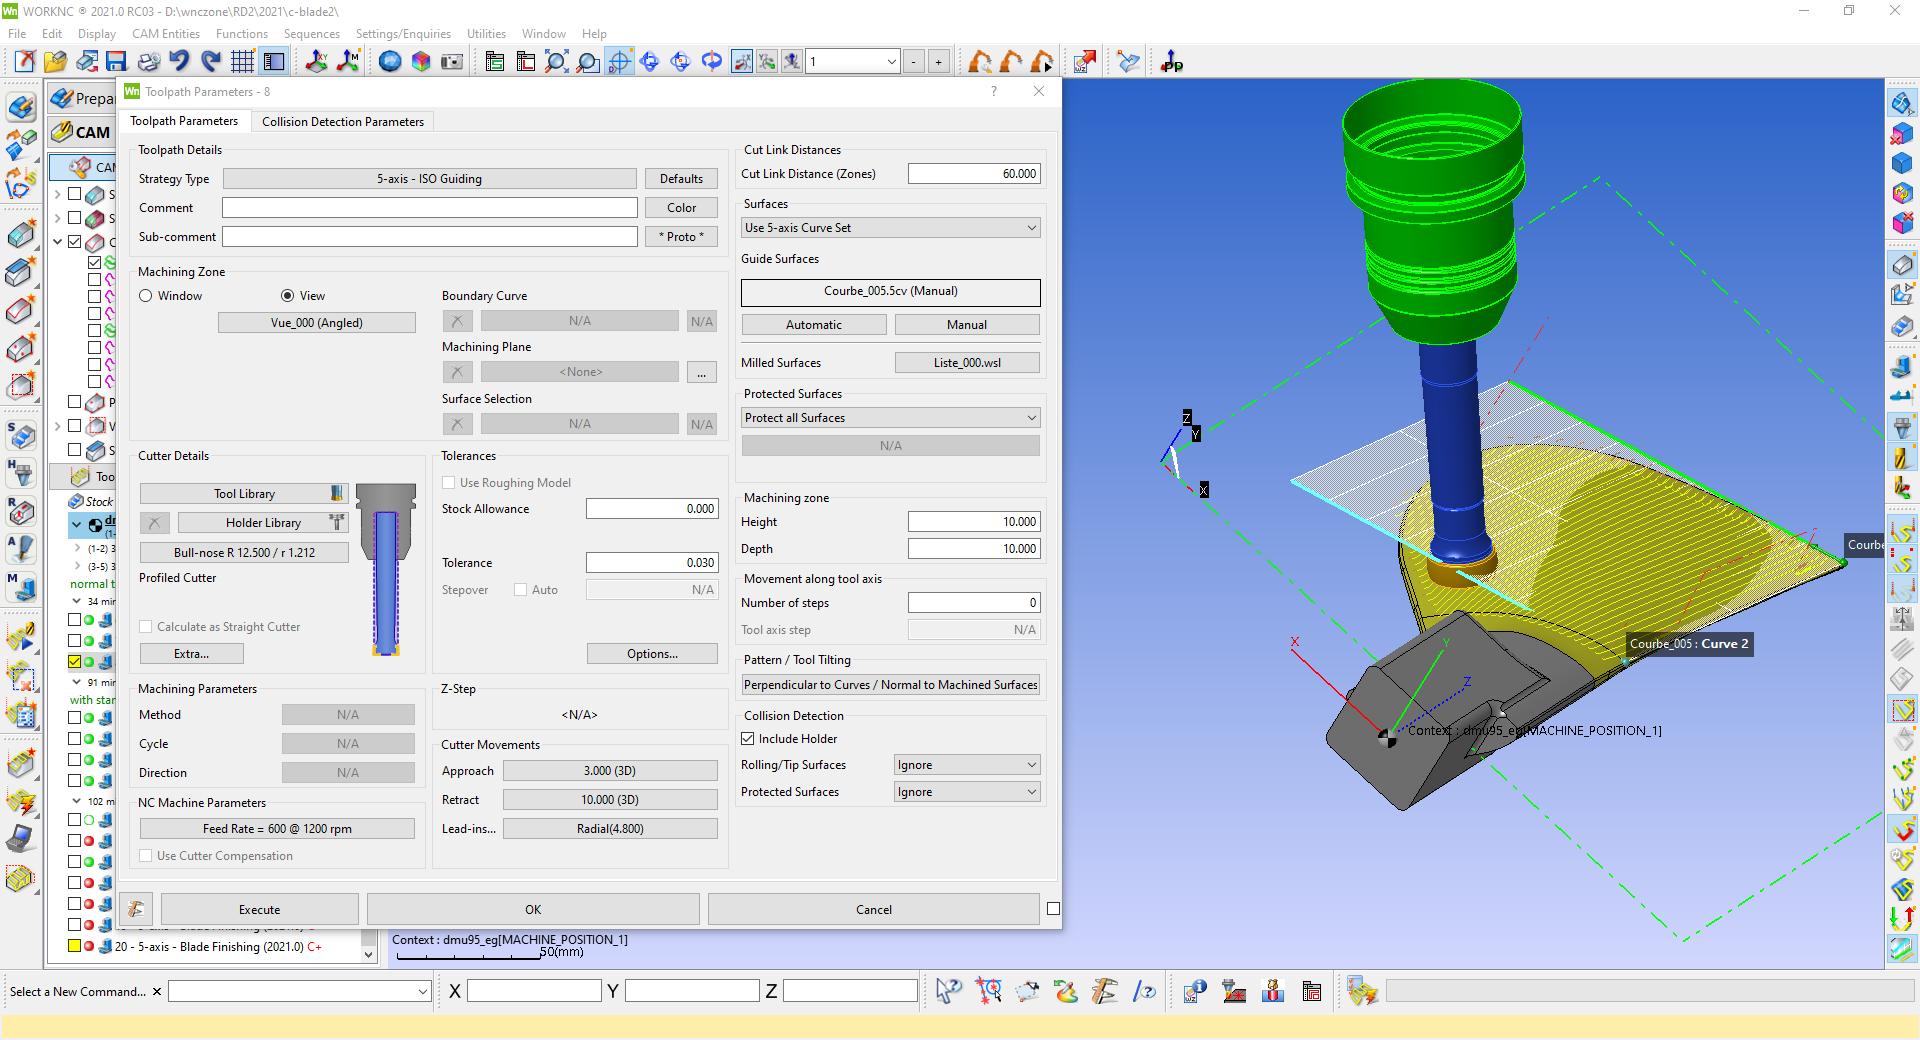 WorkNC 2021 facilite l'utilisation des outils de coupe à grande vitesse